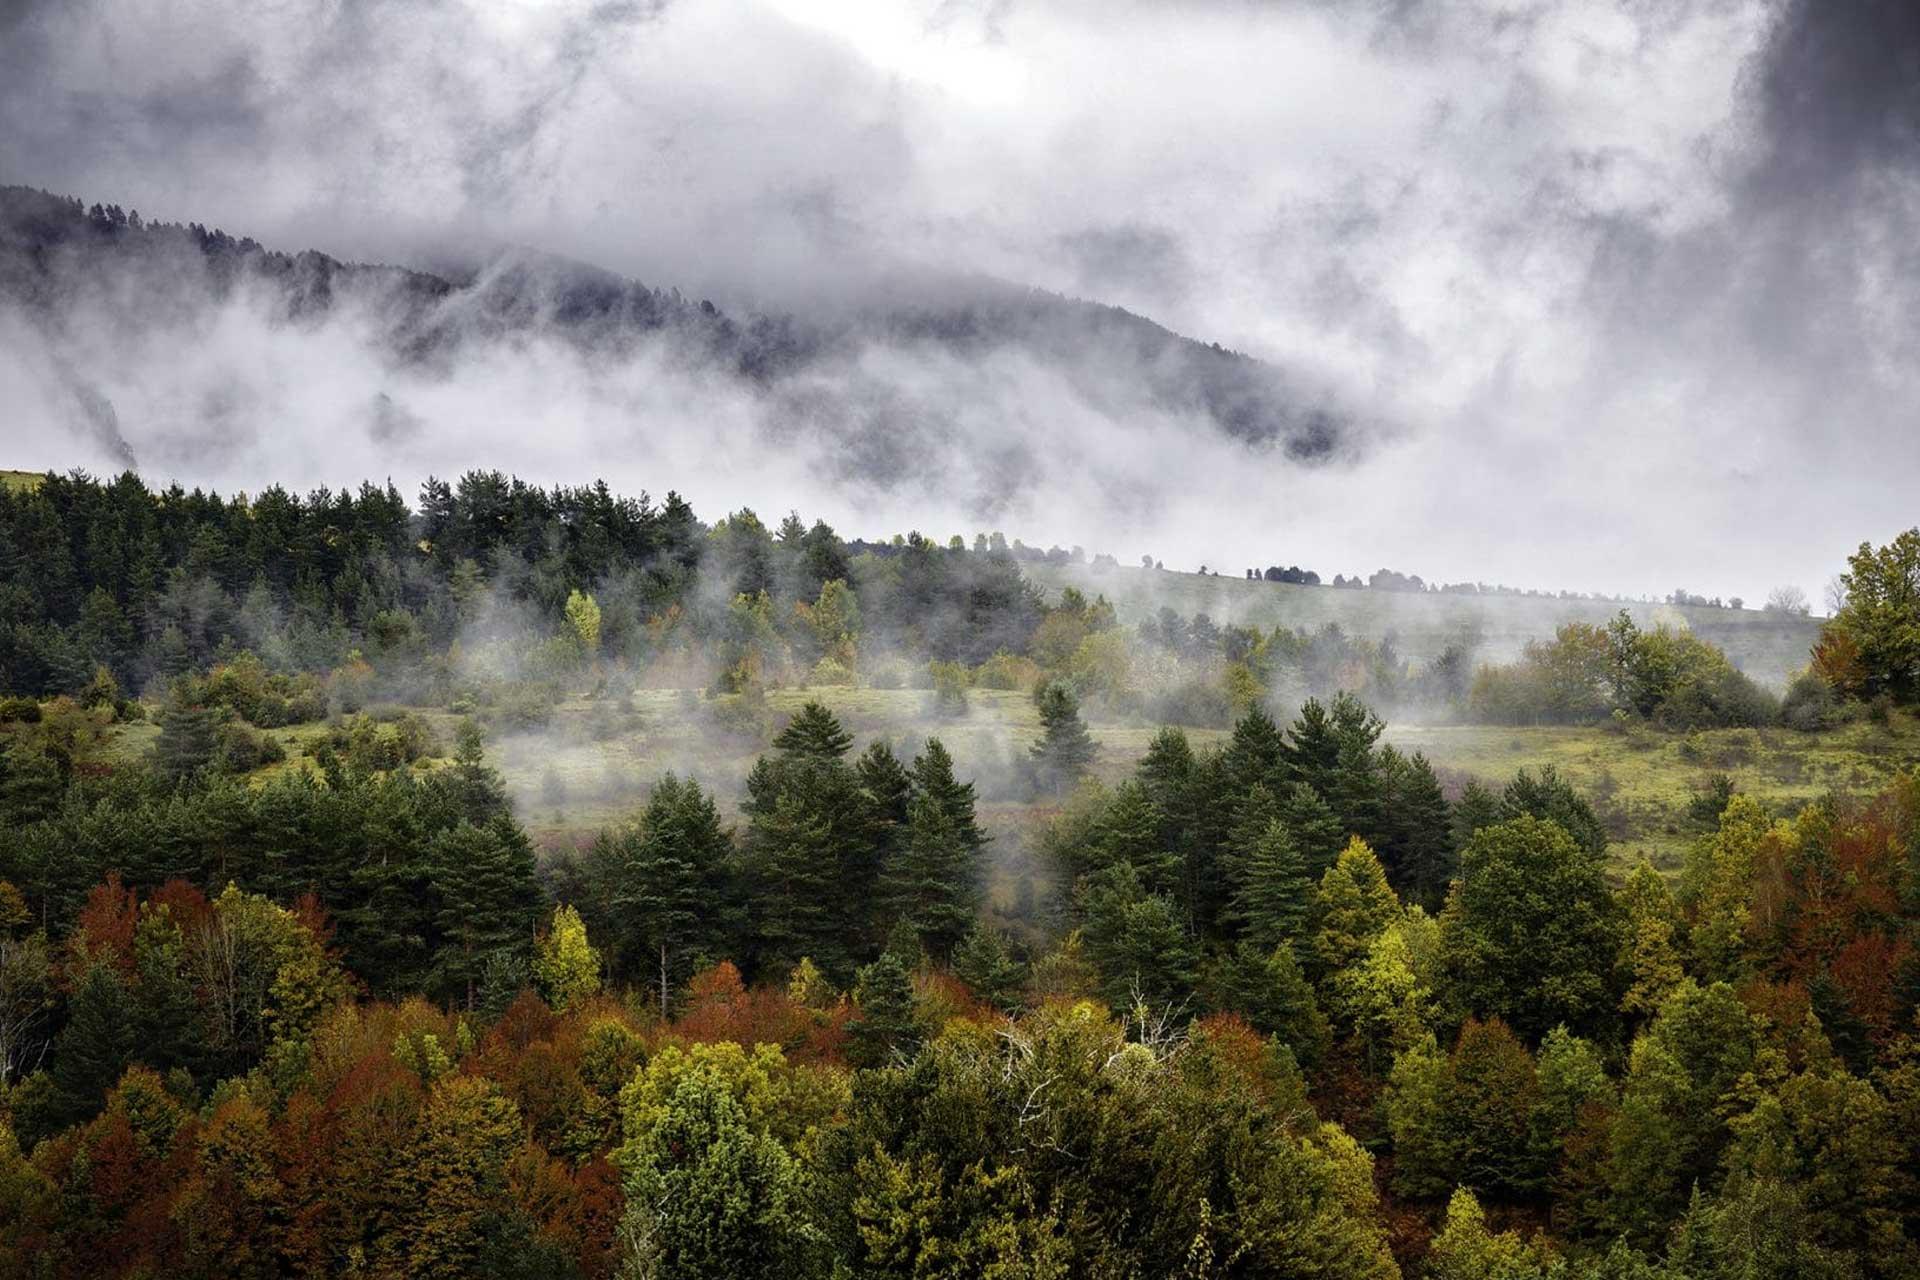 Protocolos de acceso a la Selva de Irati Otoño 2021